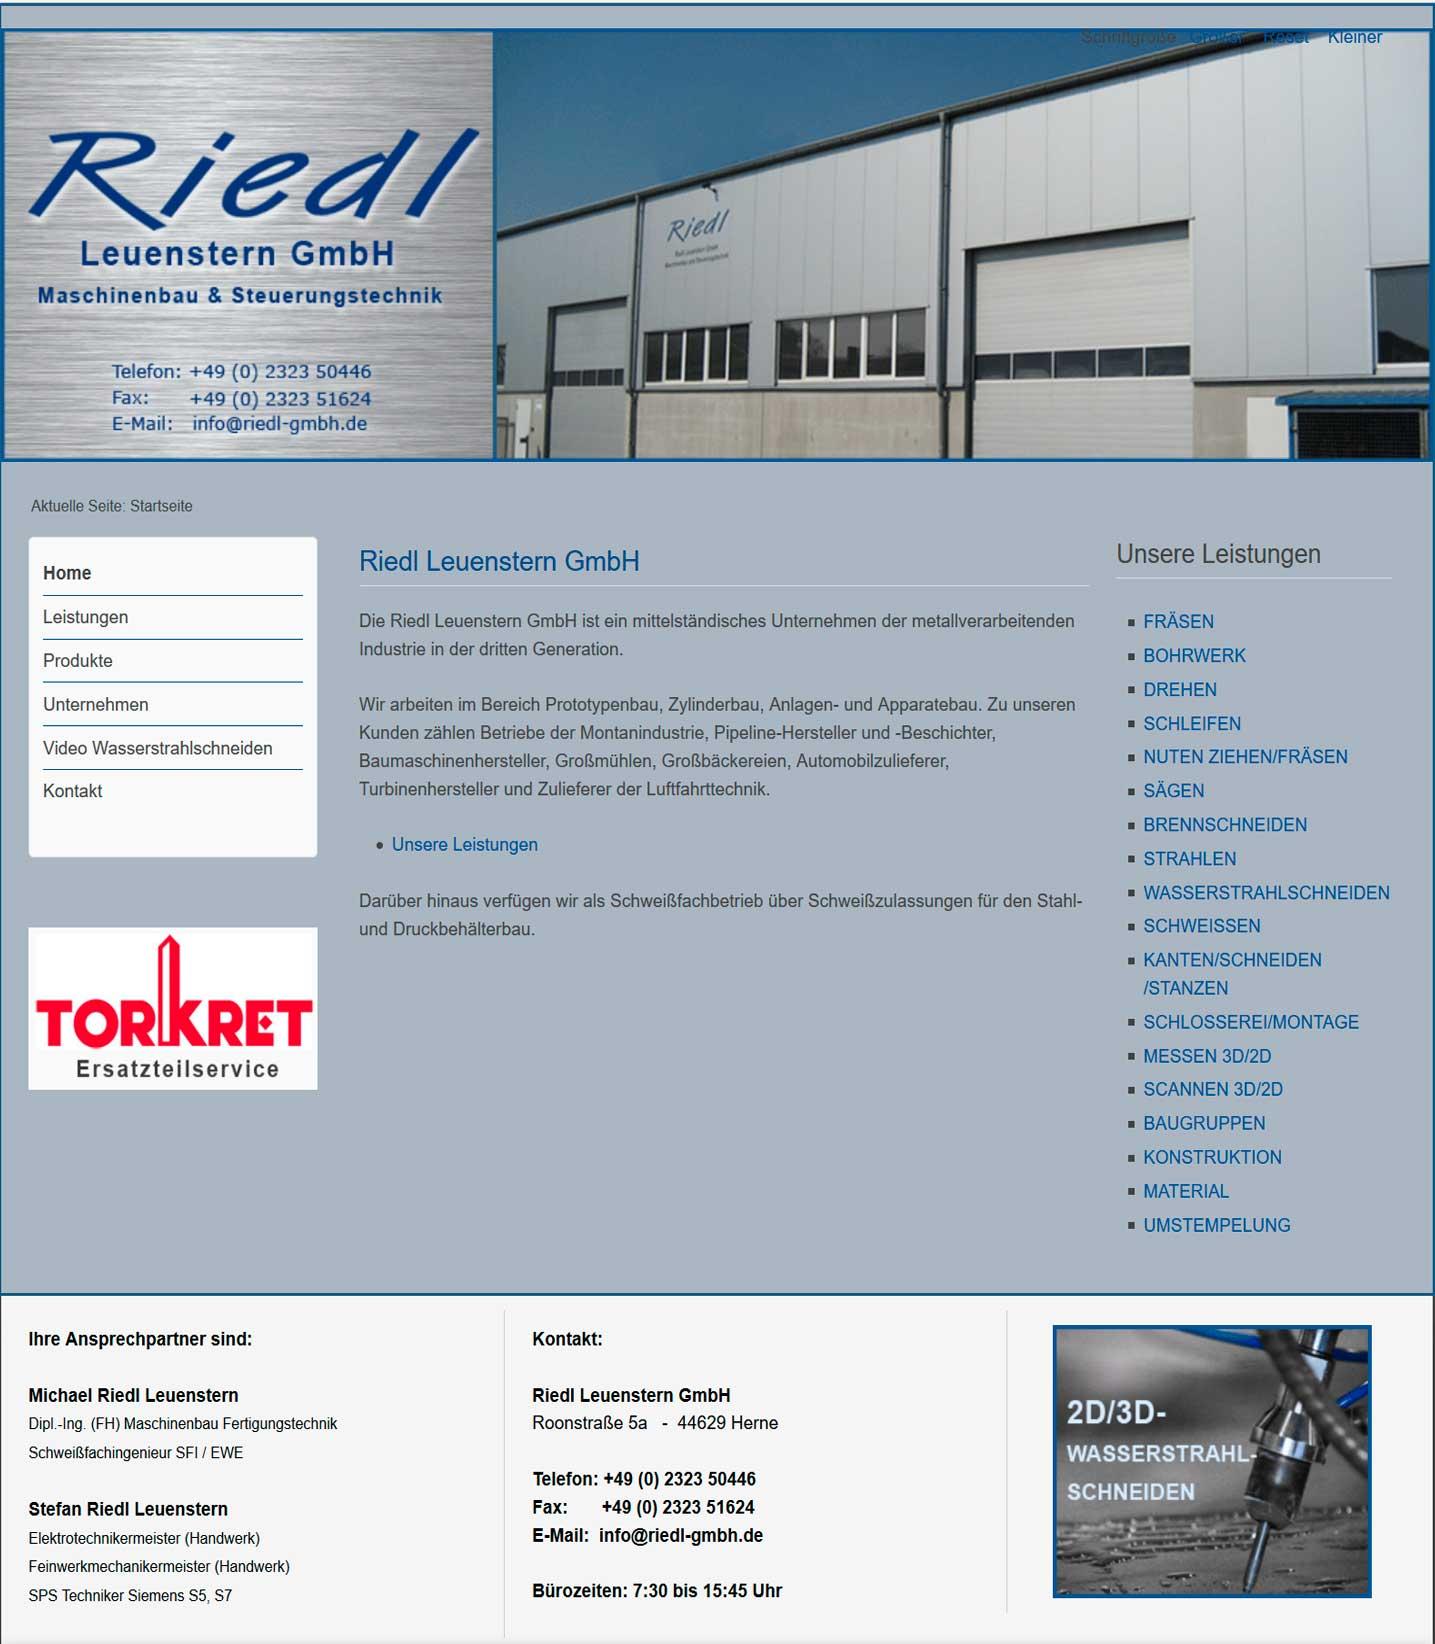 Referenz: Riedl Leuenstern GmbH